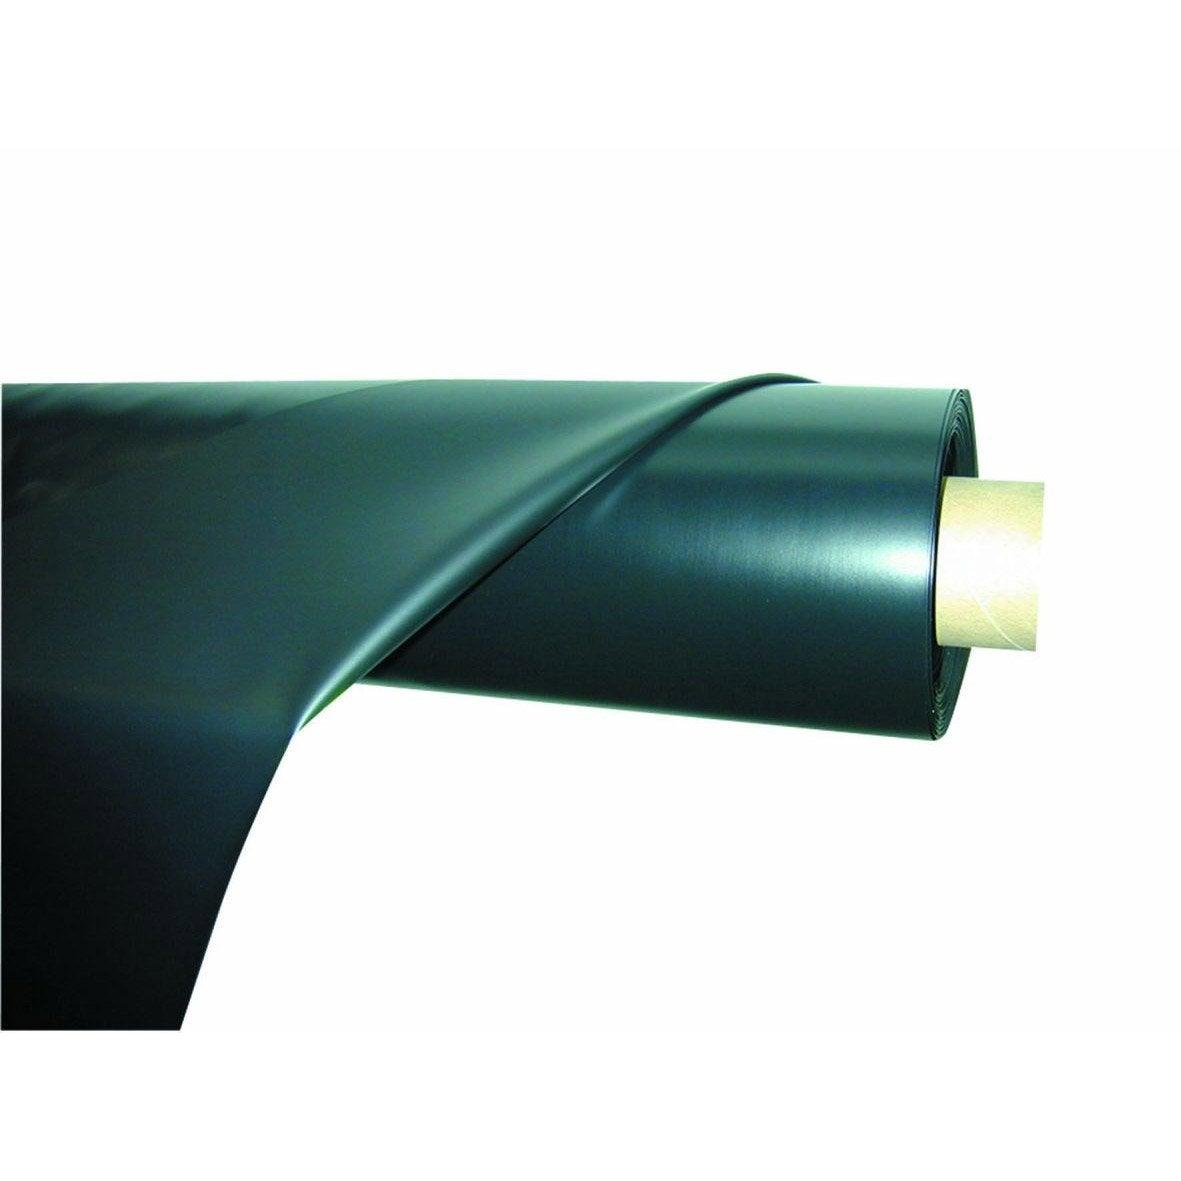 liner pour bassin ubbink aqualiner 805. Black Bedroom Furniture Sets. Home Design Ideas